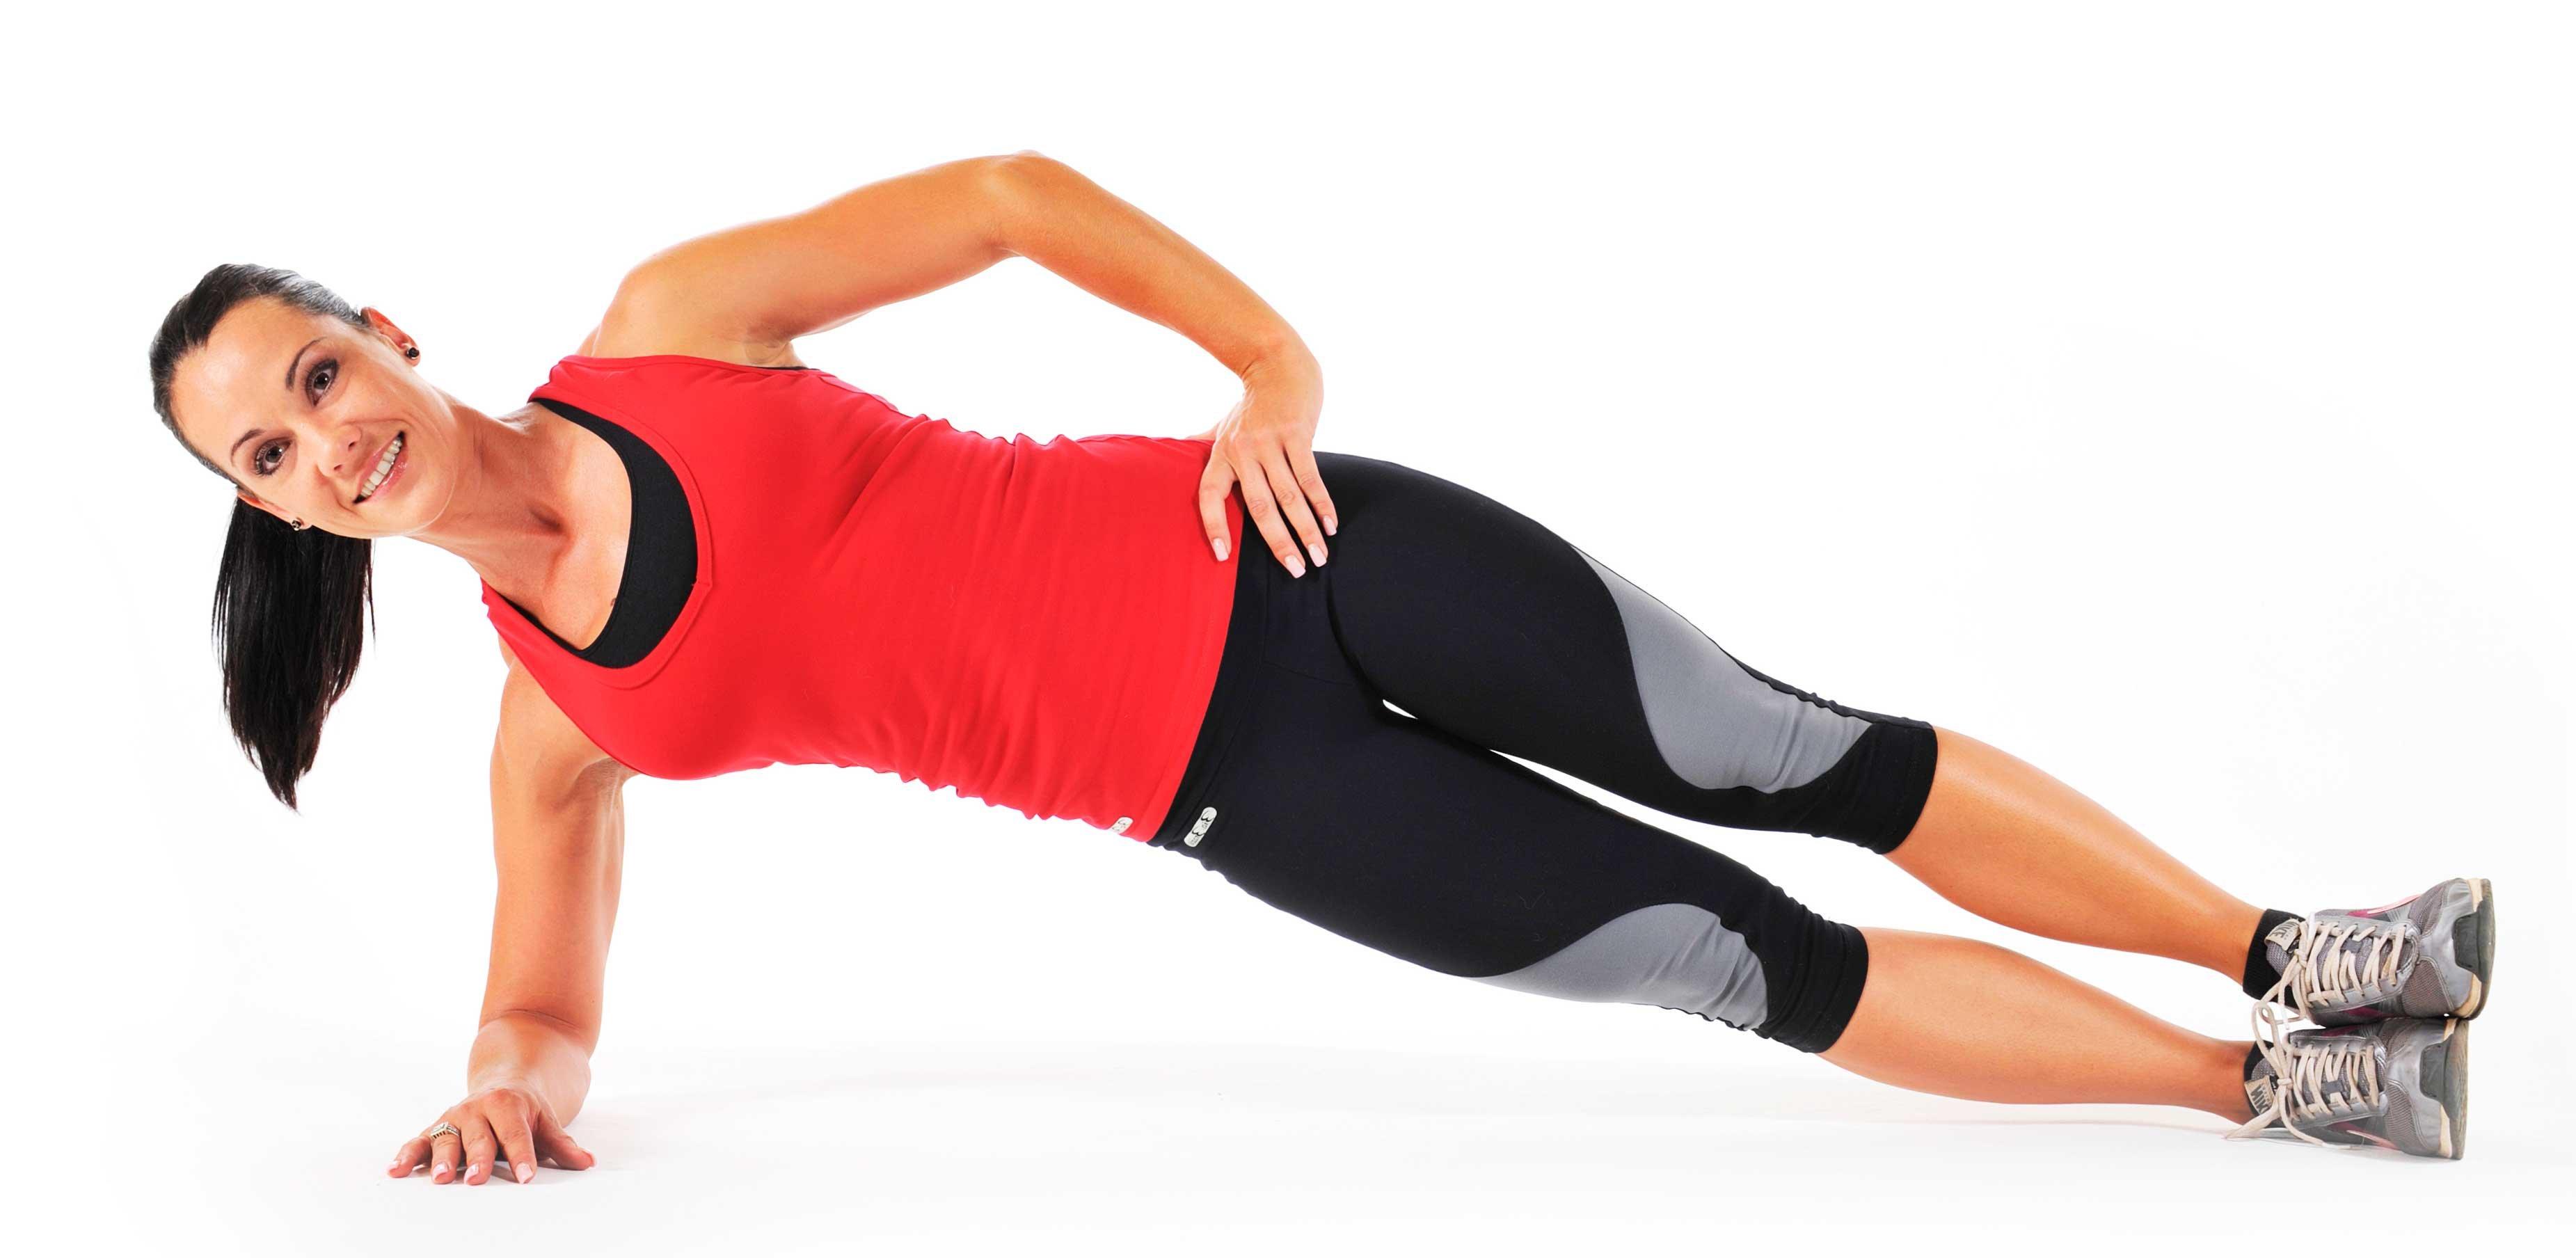 Упражнение боковая планка фото